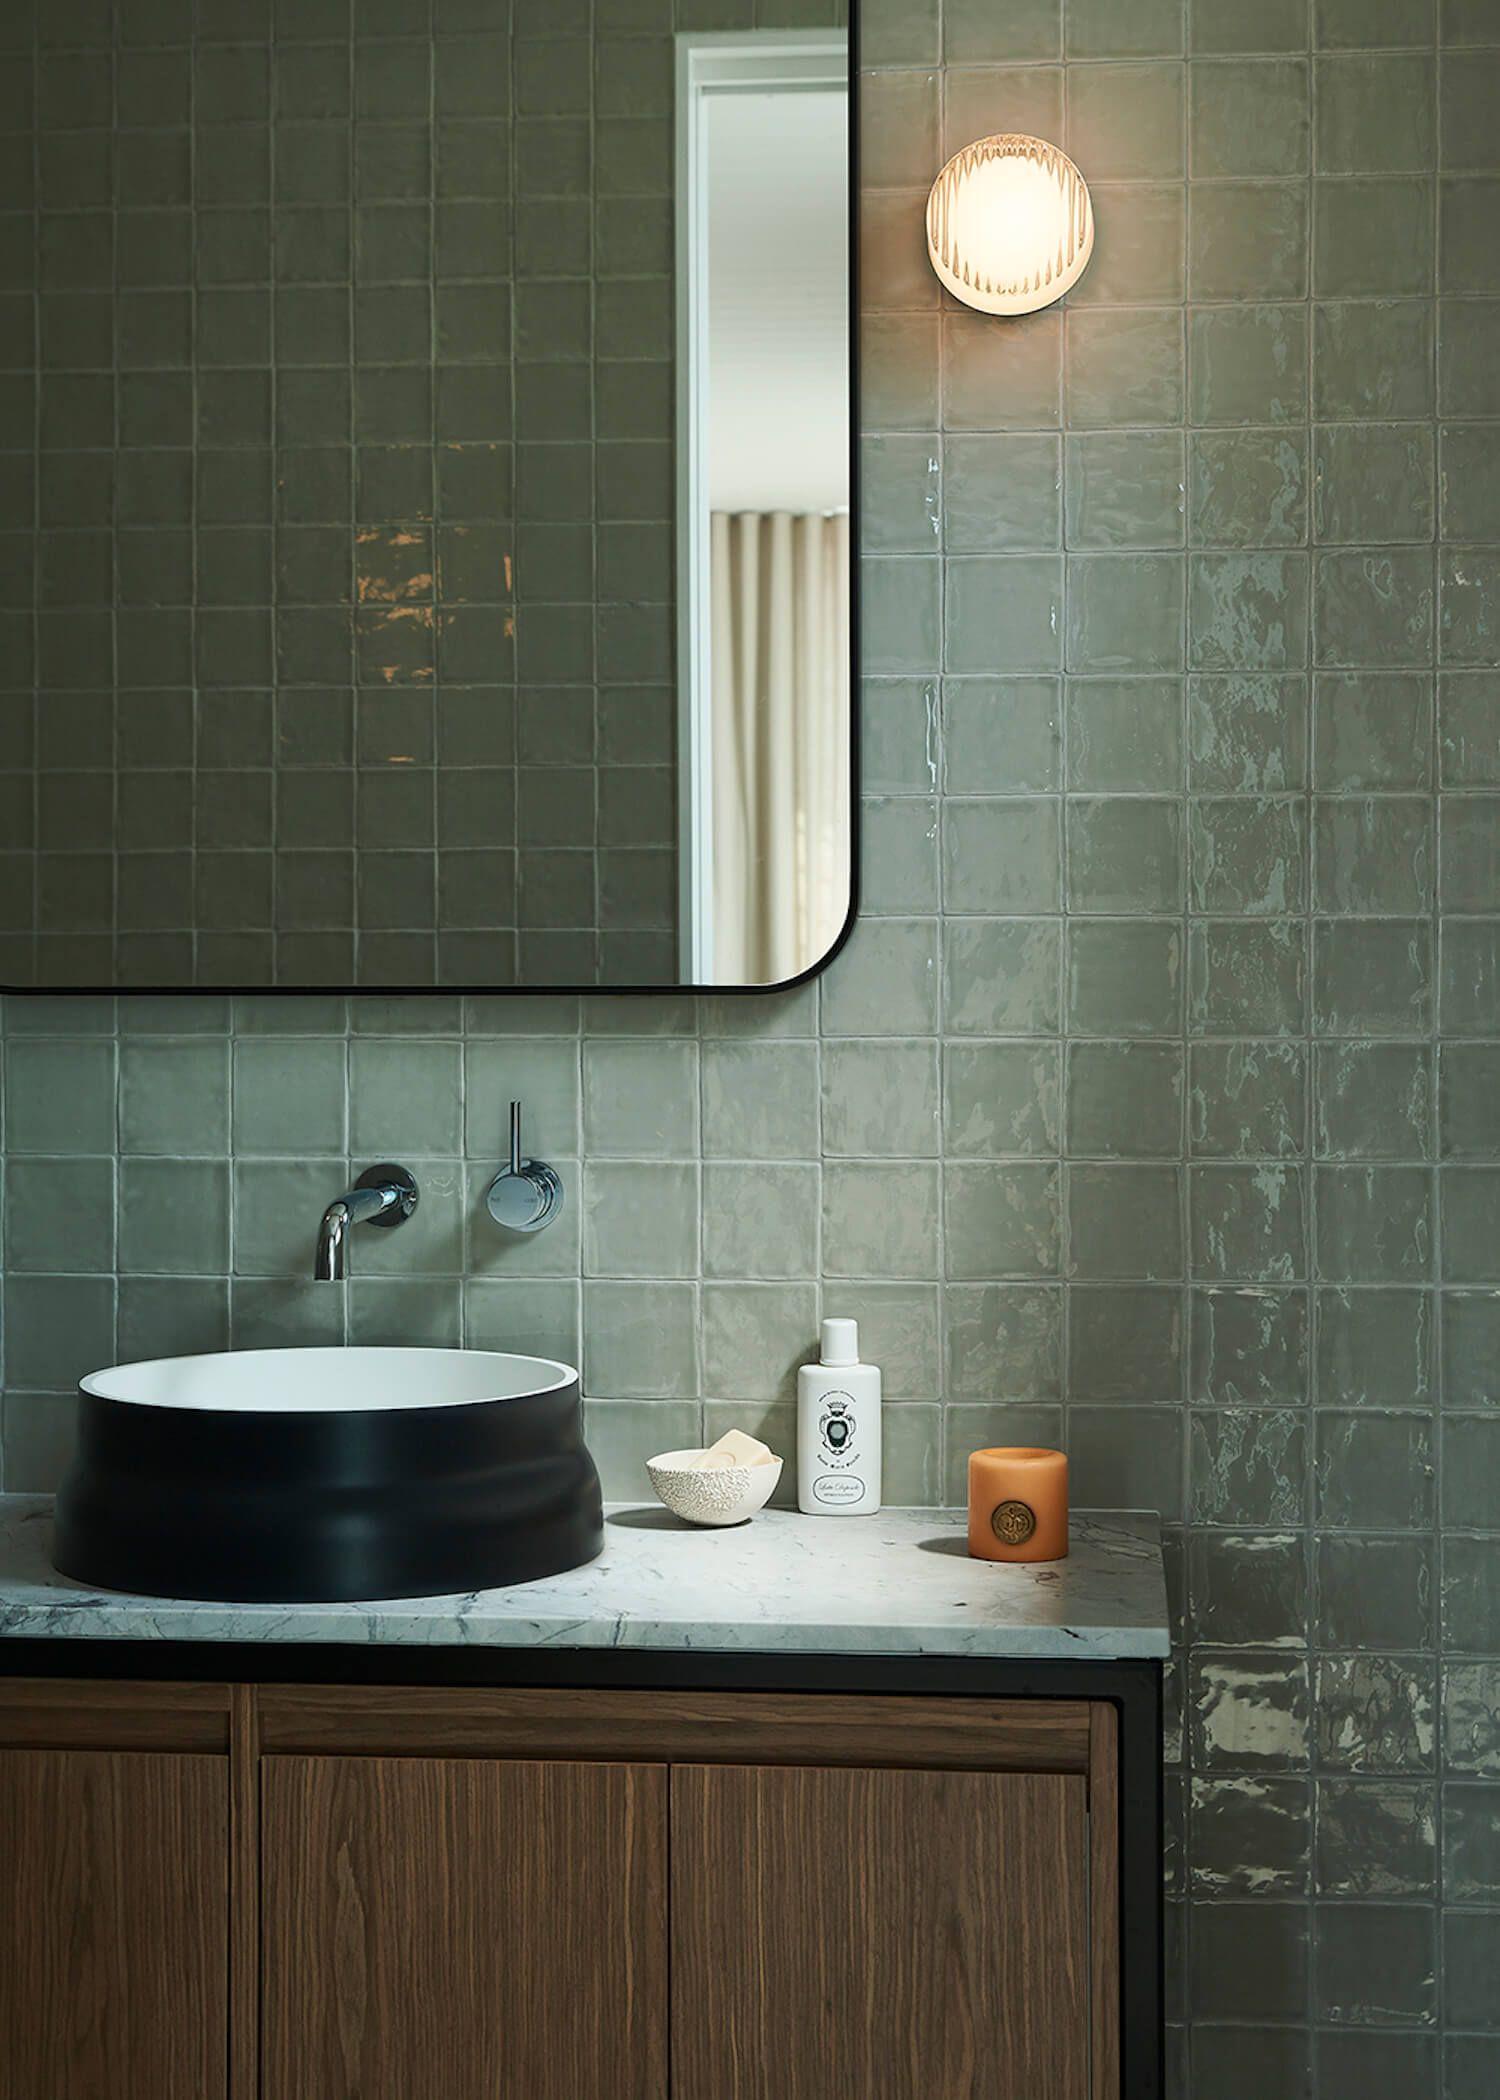 Des zelliges dans la salle de bain  Idée salle de bain, Zellige